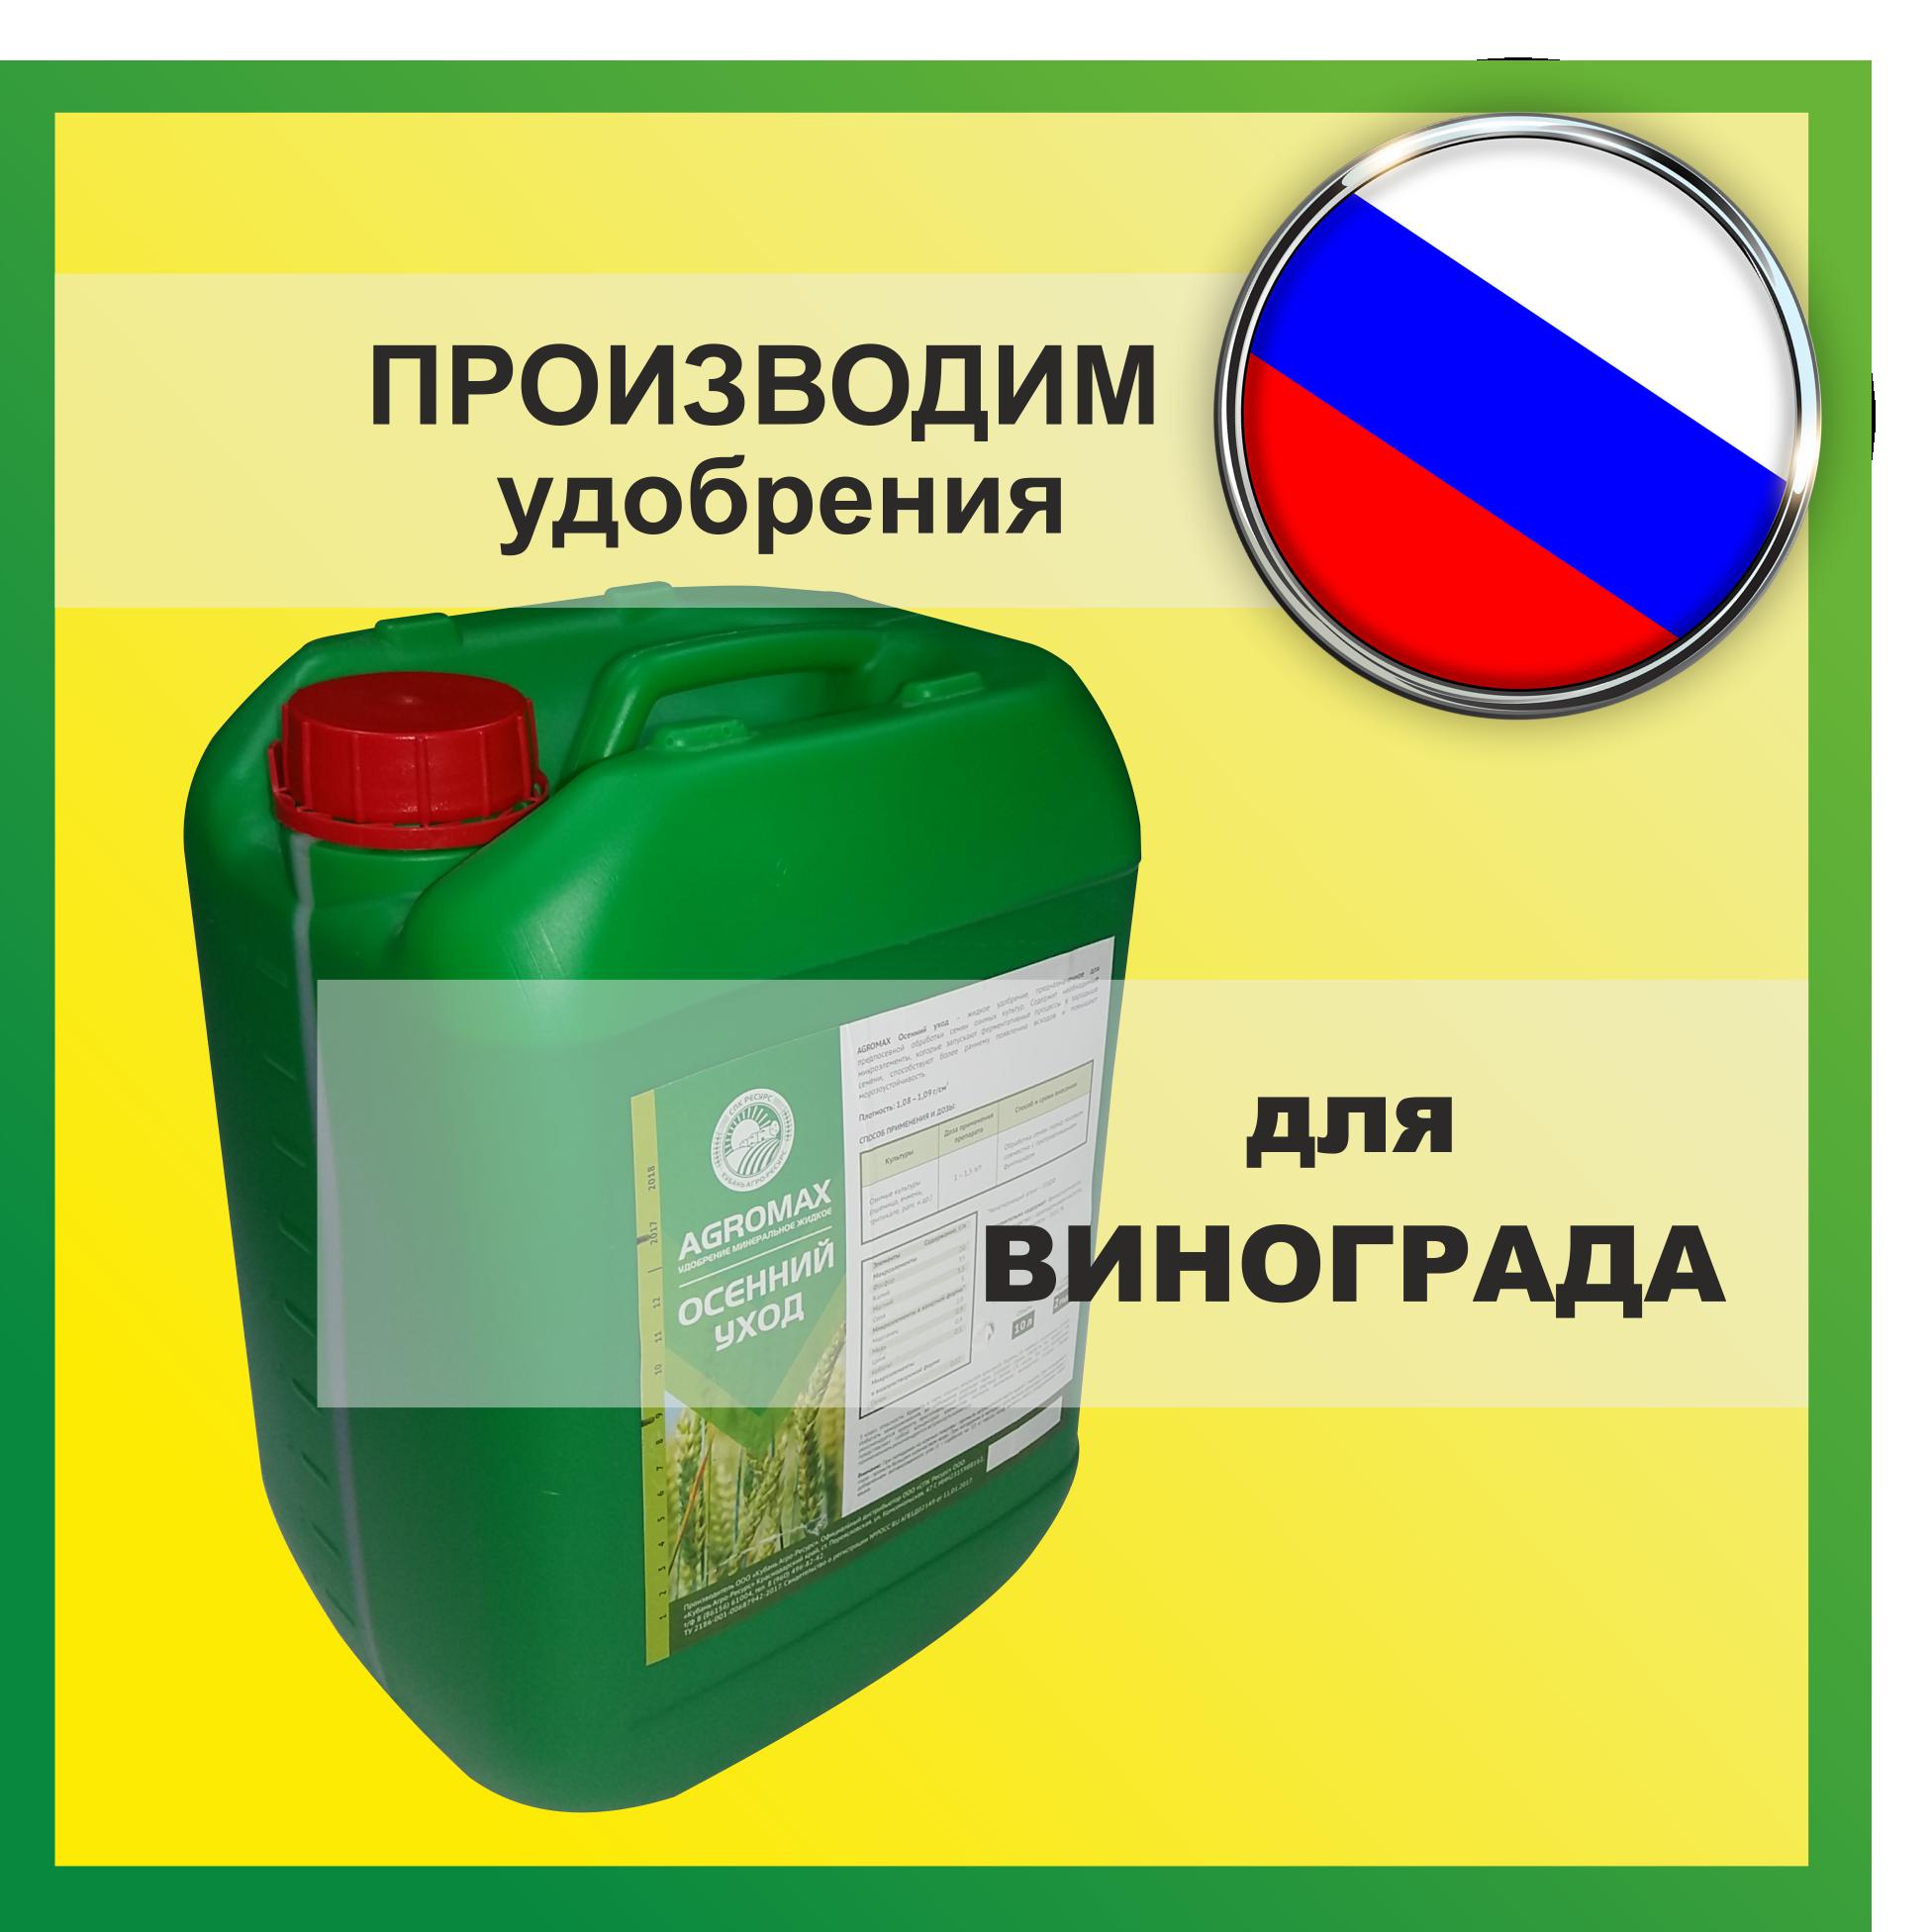 dlya-VINOGRADA-udobrenie-agromaks-1-1